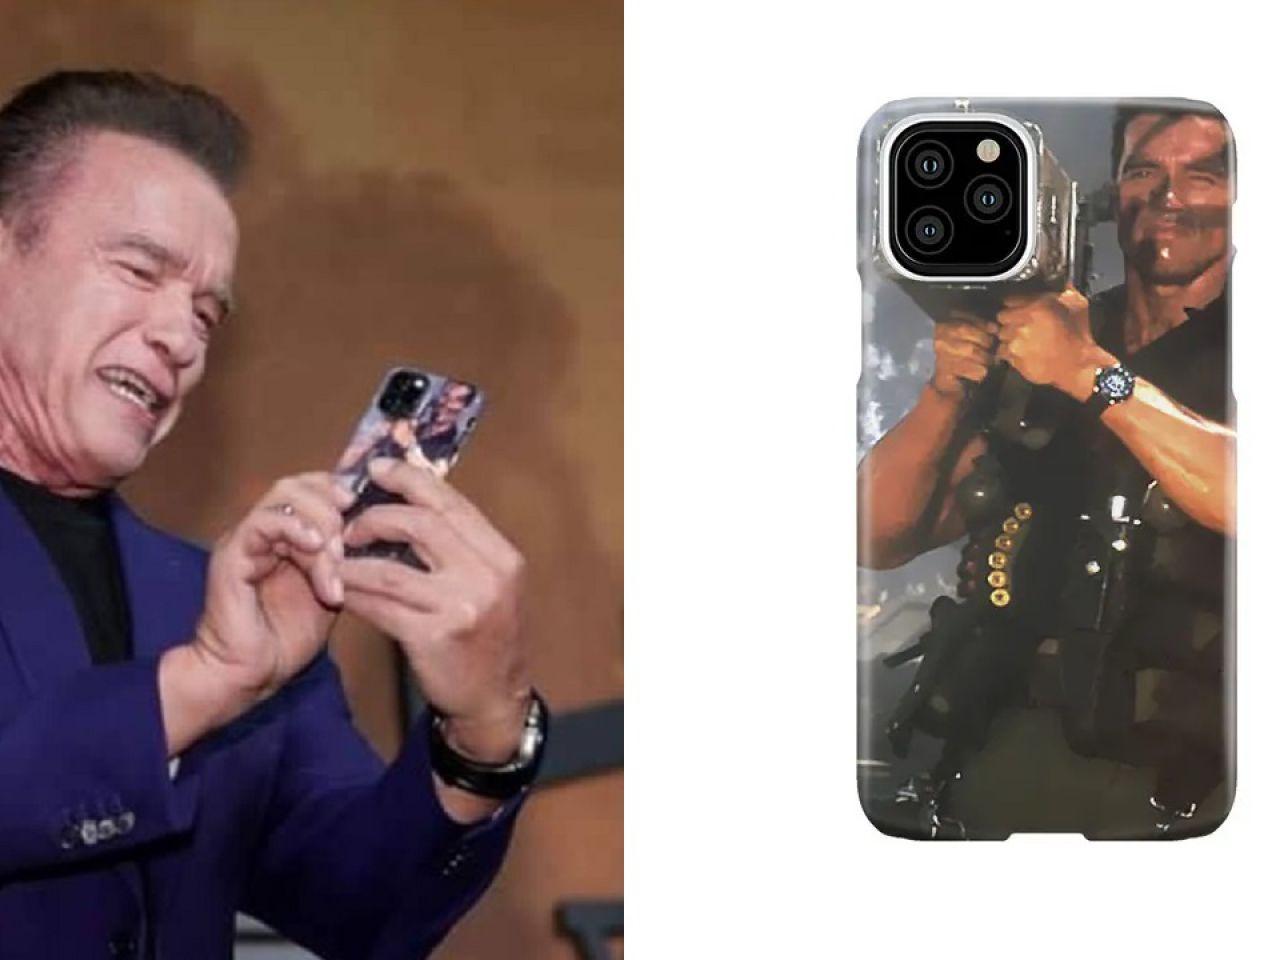 Arnold Schwarzenegger Ha Messo In Vendita La Sua Cover Ufficiale Per Iphone 11 Pro